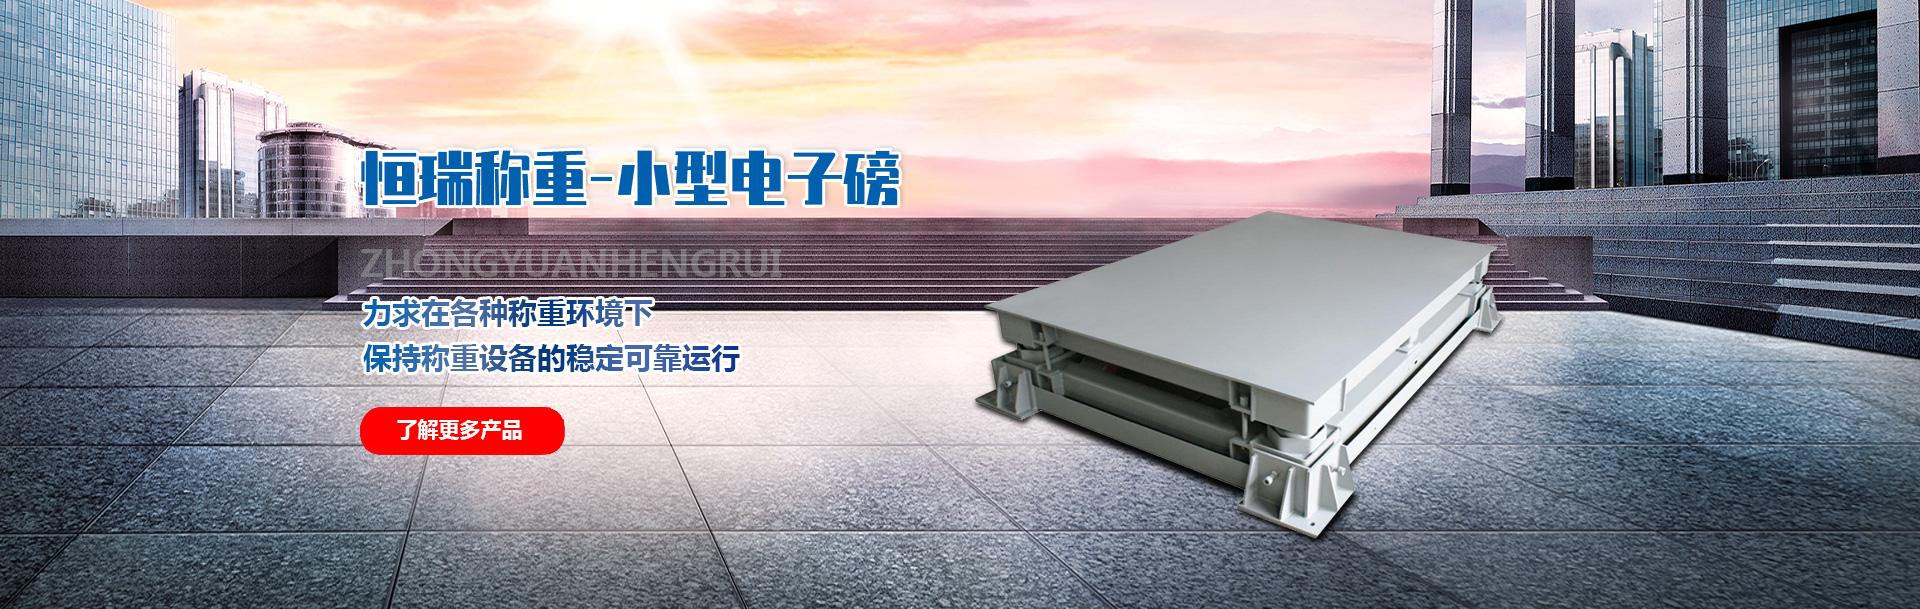 河南泛ya电竞官wangchen重设备有限公司